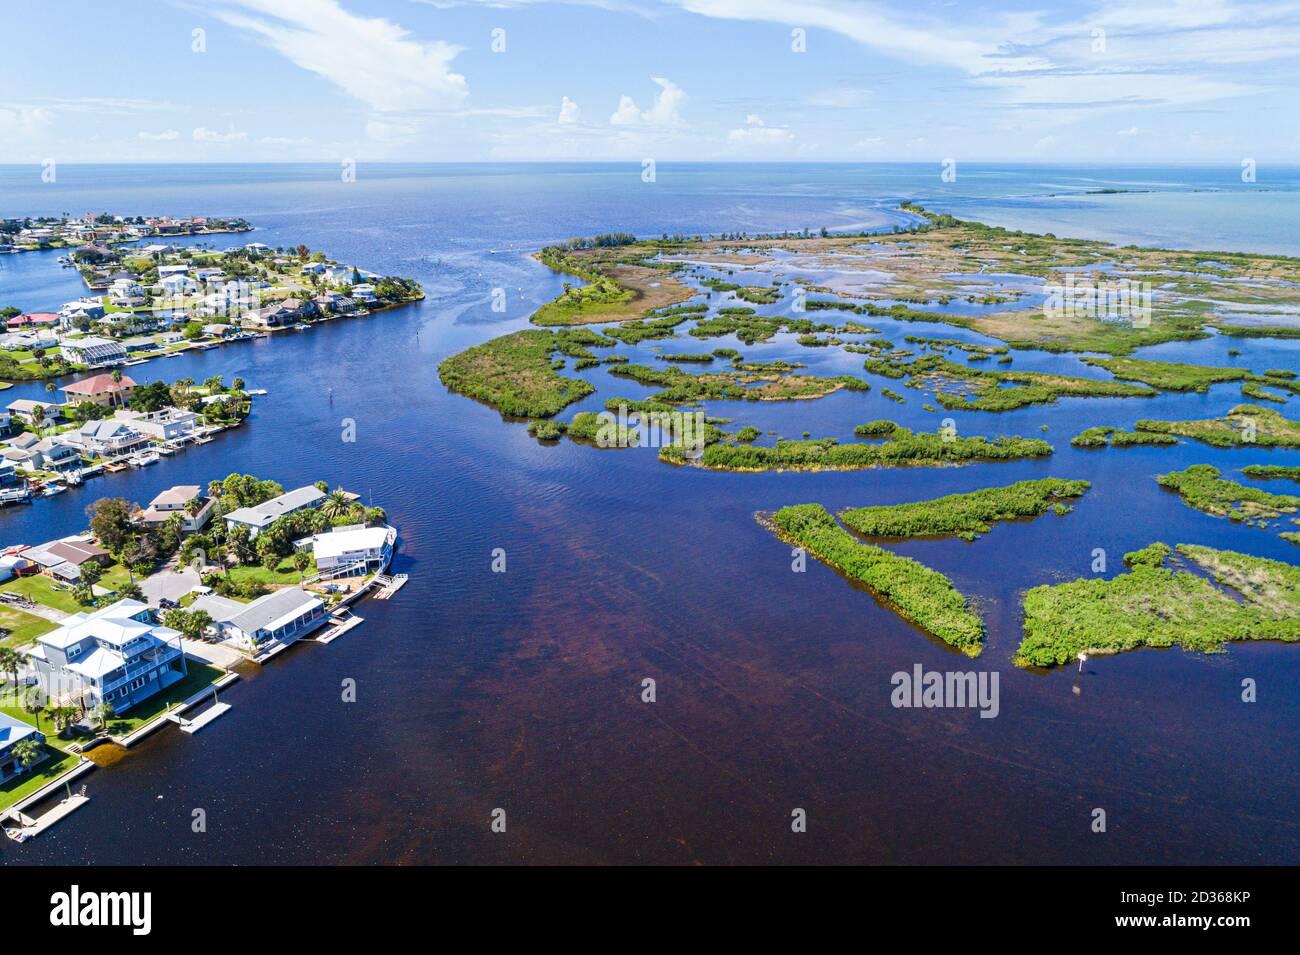 Floride Hernando Beach Golfe du Mexique Rice Creek Bay mangrove le front de mer des îles abrite des canaux paysage naturel marécages aériens oiseaux la vie des yeux Banque D'Images